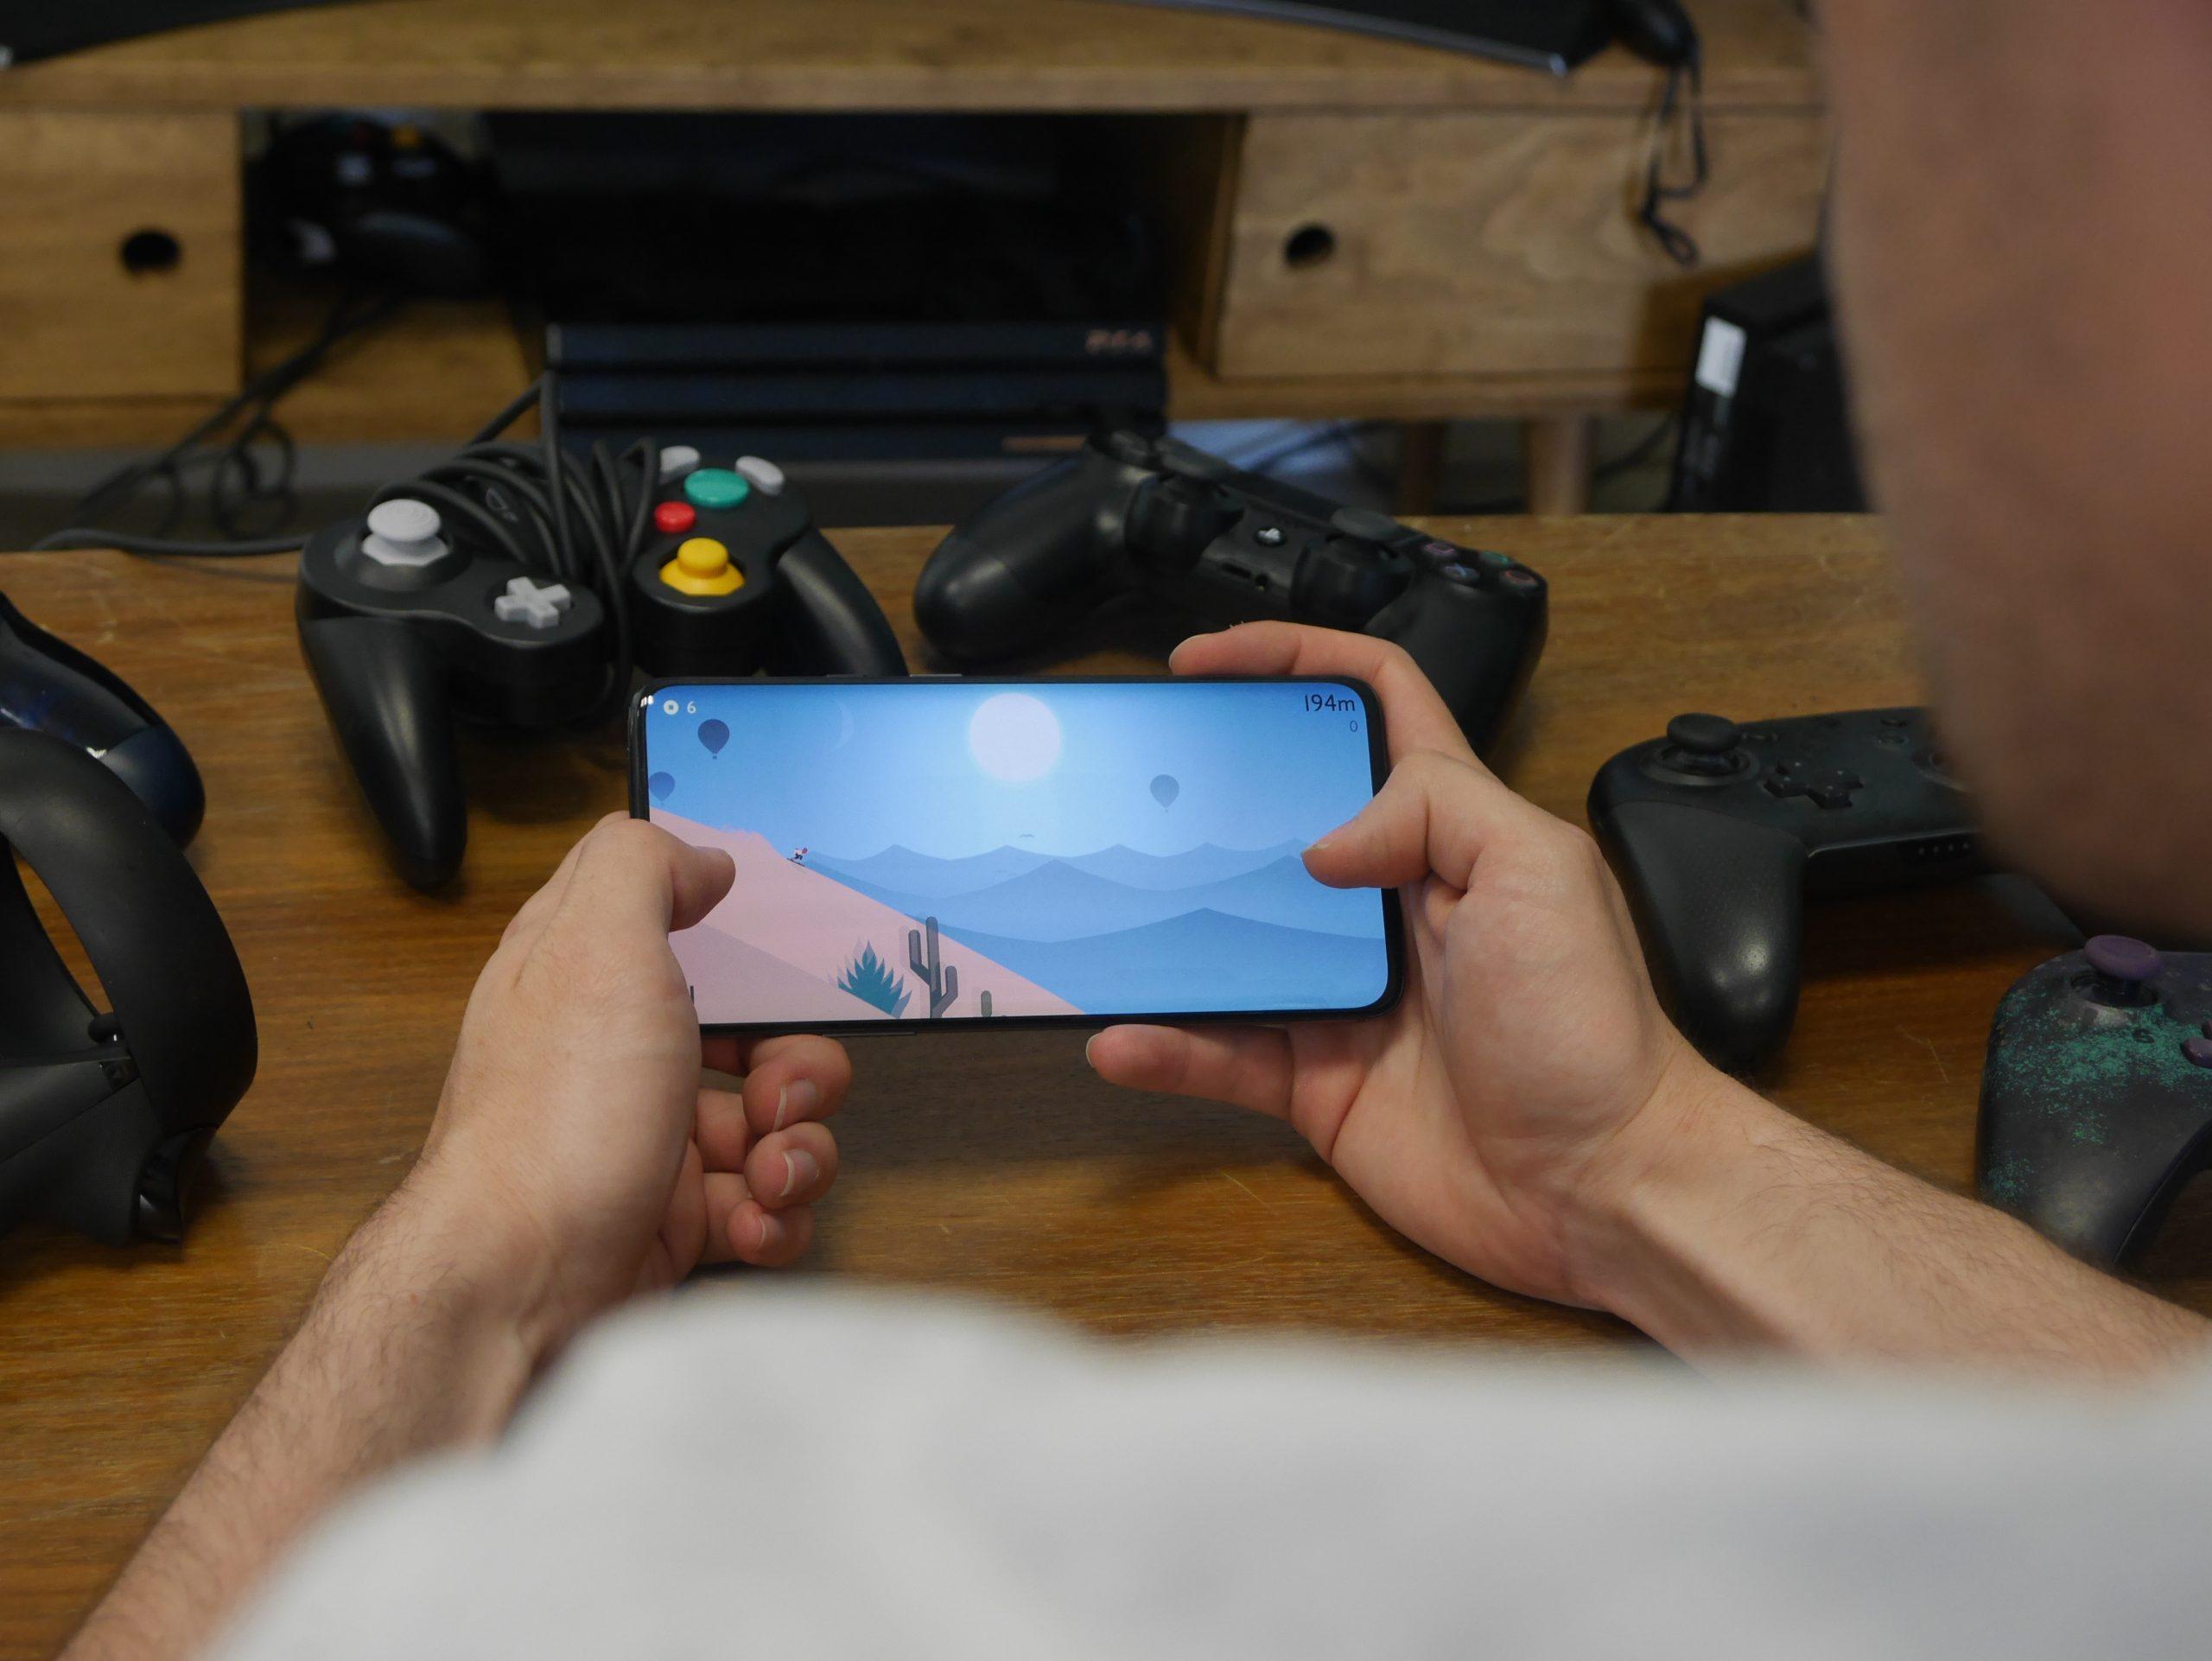 Les Meilleurs Jeux Gratuits Sur Android En 2020 pour Jeux Video 5 Ans